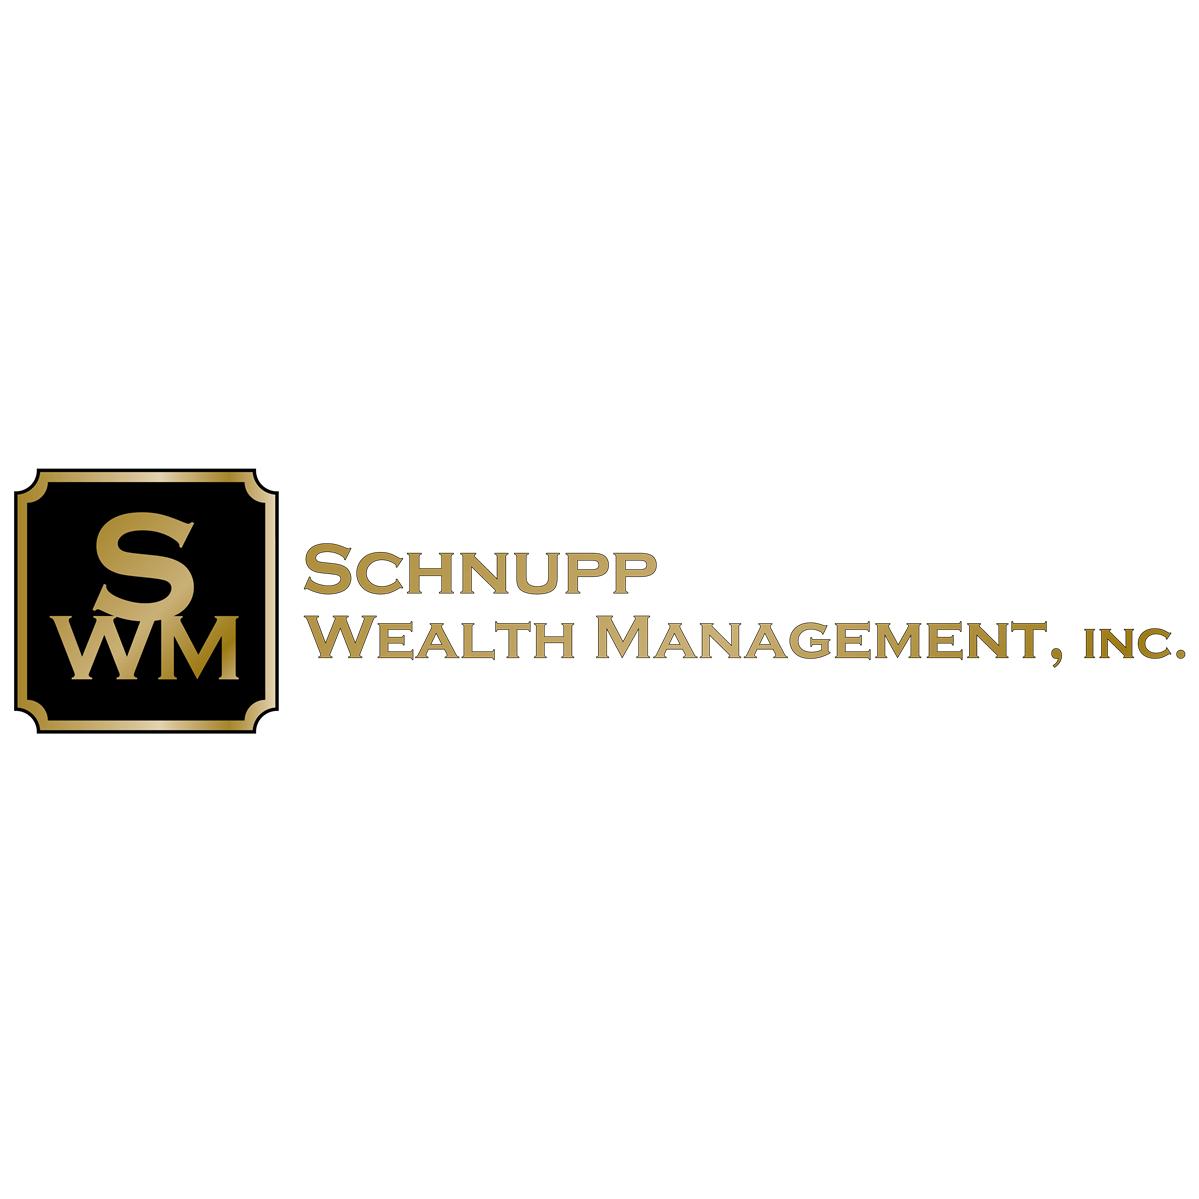 Schnupp Wealth Management, Inc. image 2